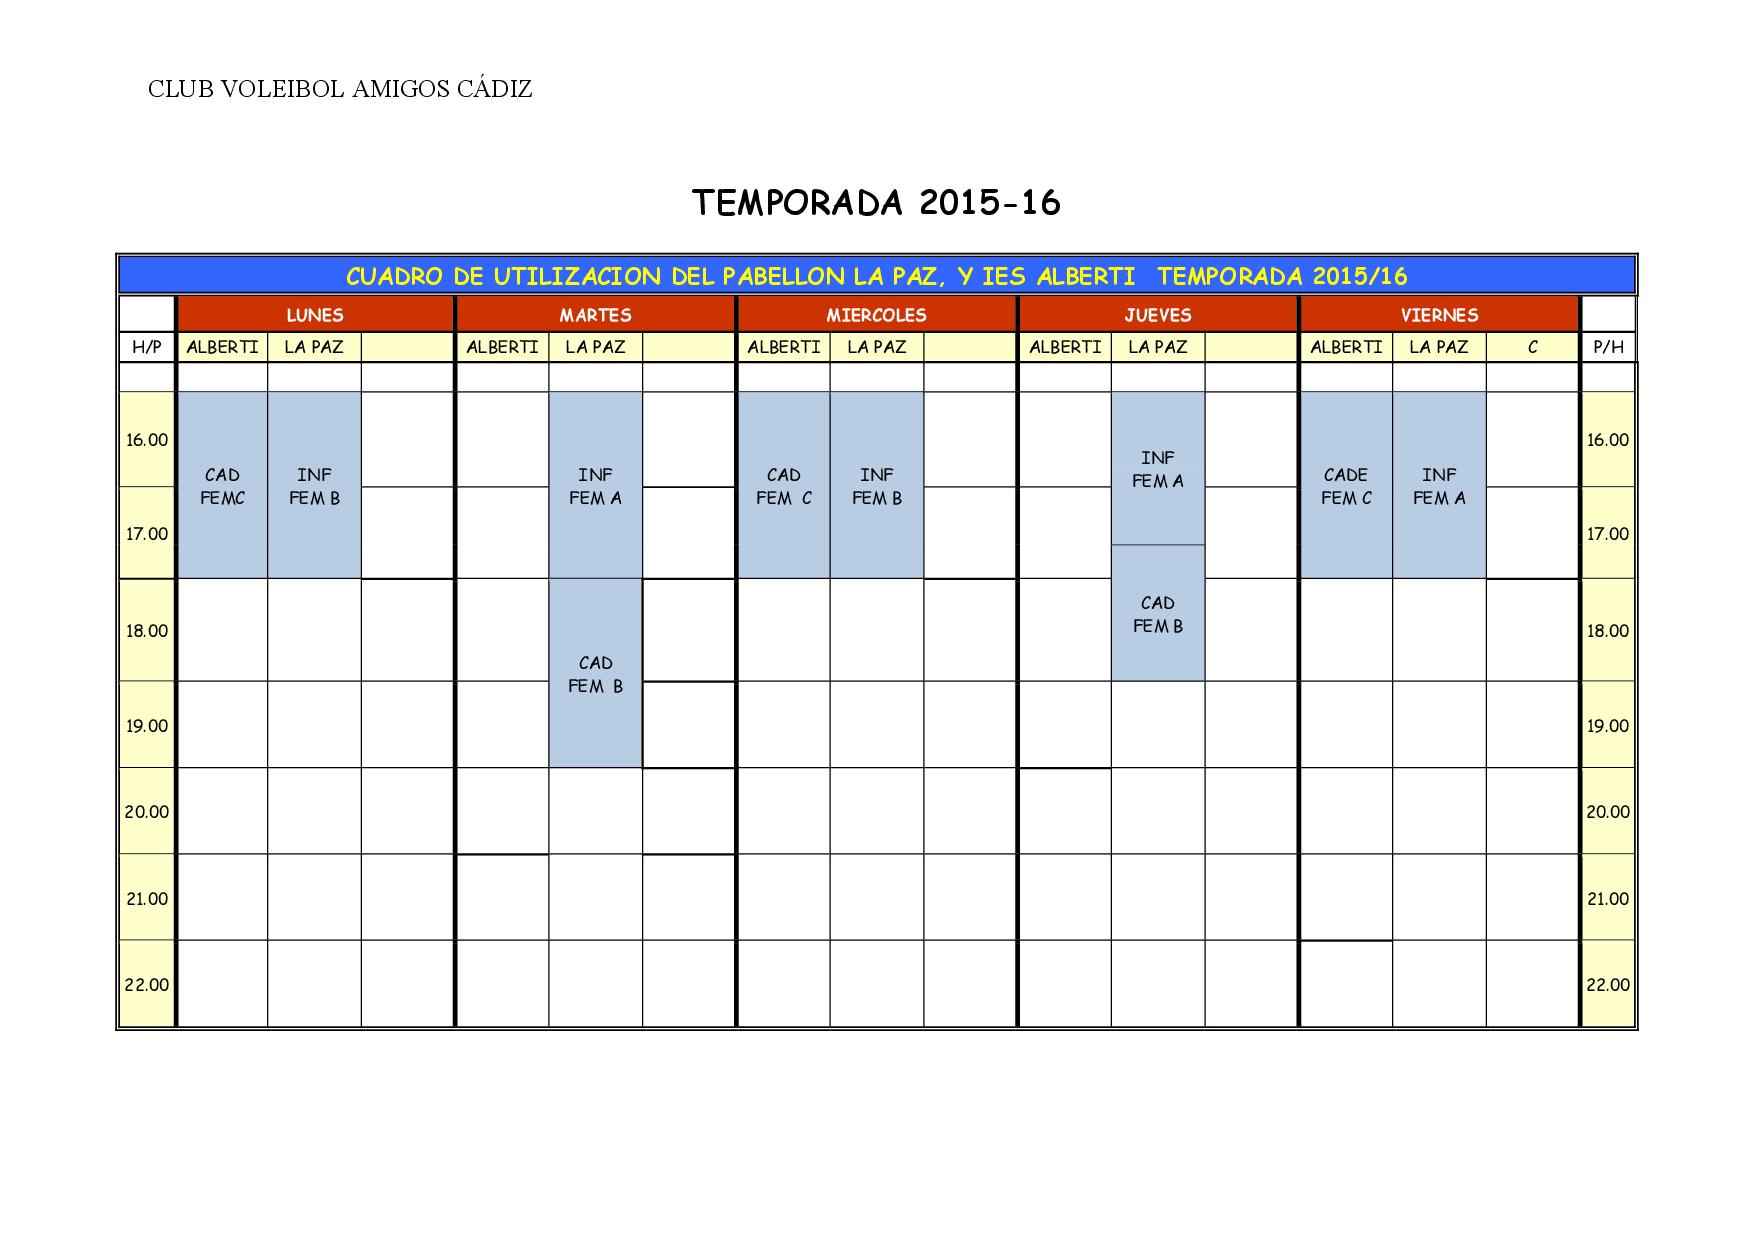 CUADRO DE ENTRENAMIENTO TEMPORADA 2015-16-002